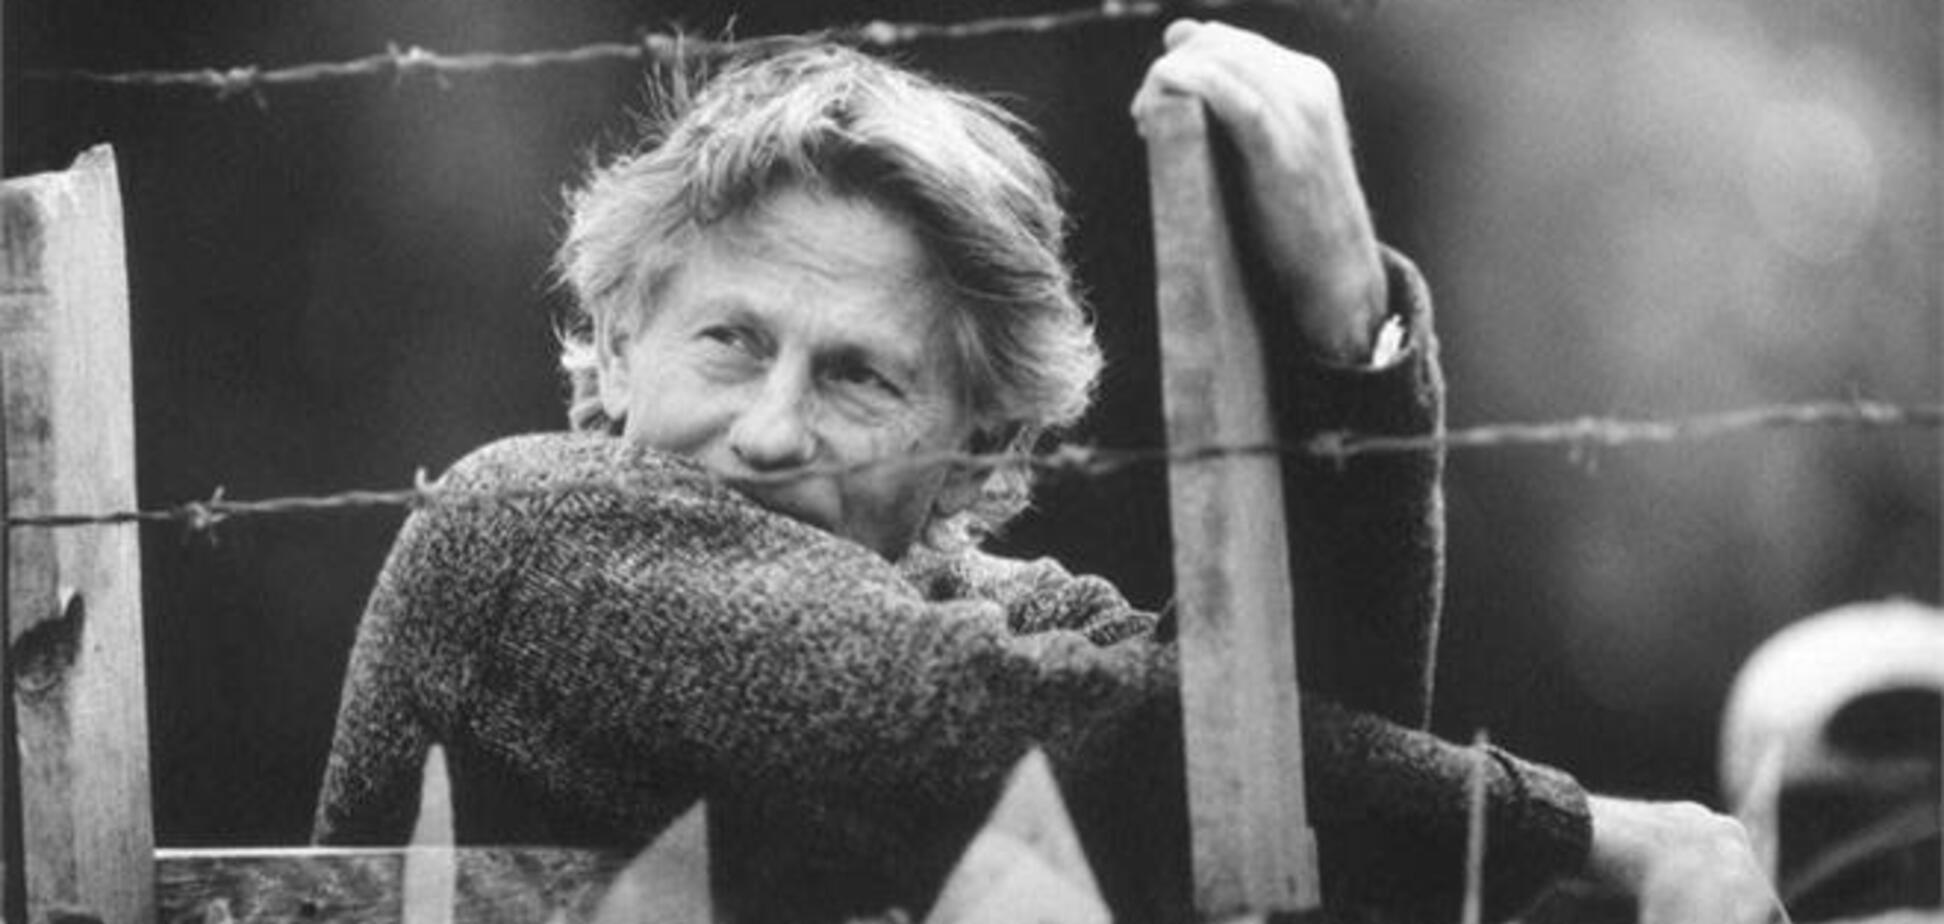 Роман Полански празднует 80-летний юбилей